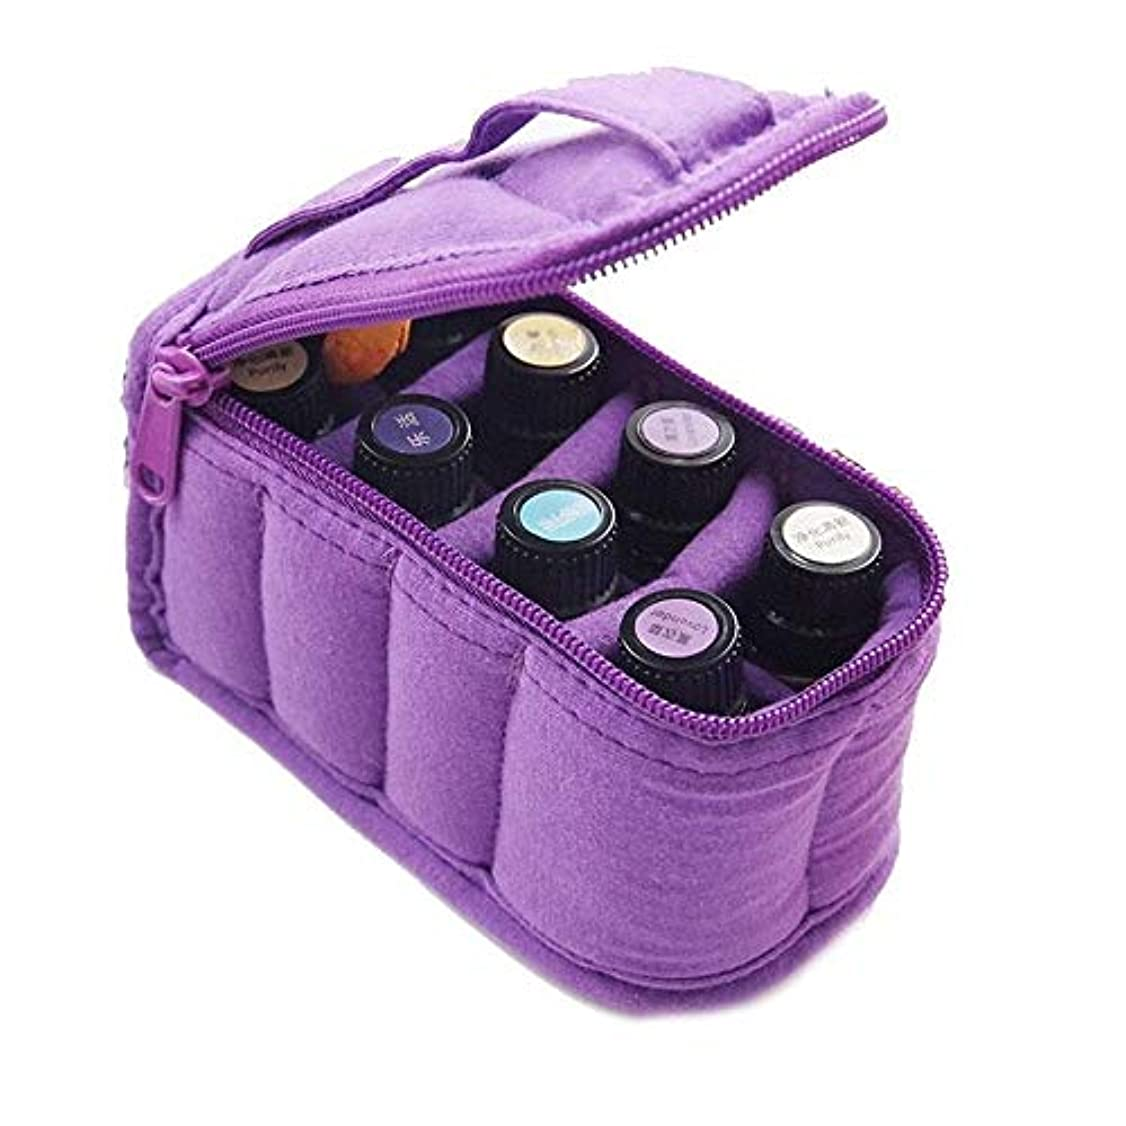 海賊意味滅びるエッセンシャルオイル収納ボックス (トップのハンドルキャリー)ケースプレミアム保護は10-15MLエッセンシャルオイルオーガナイザーバッグを保持キャリングエッセンシャルオイル13x7x7.5cm (色 : 紫の, サイズ...